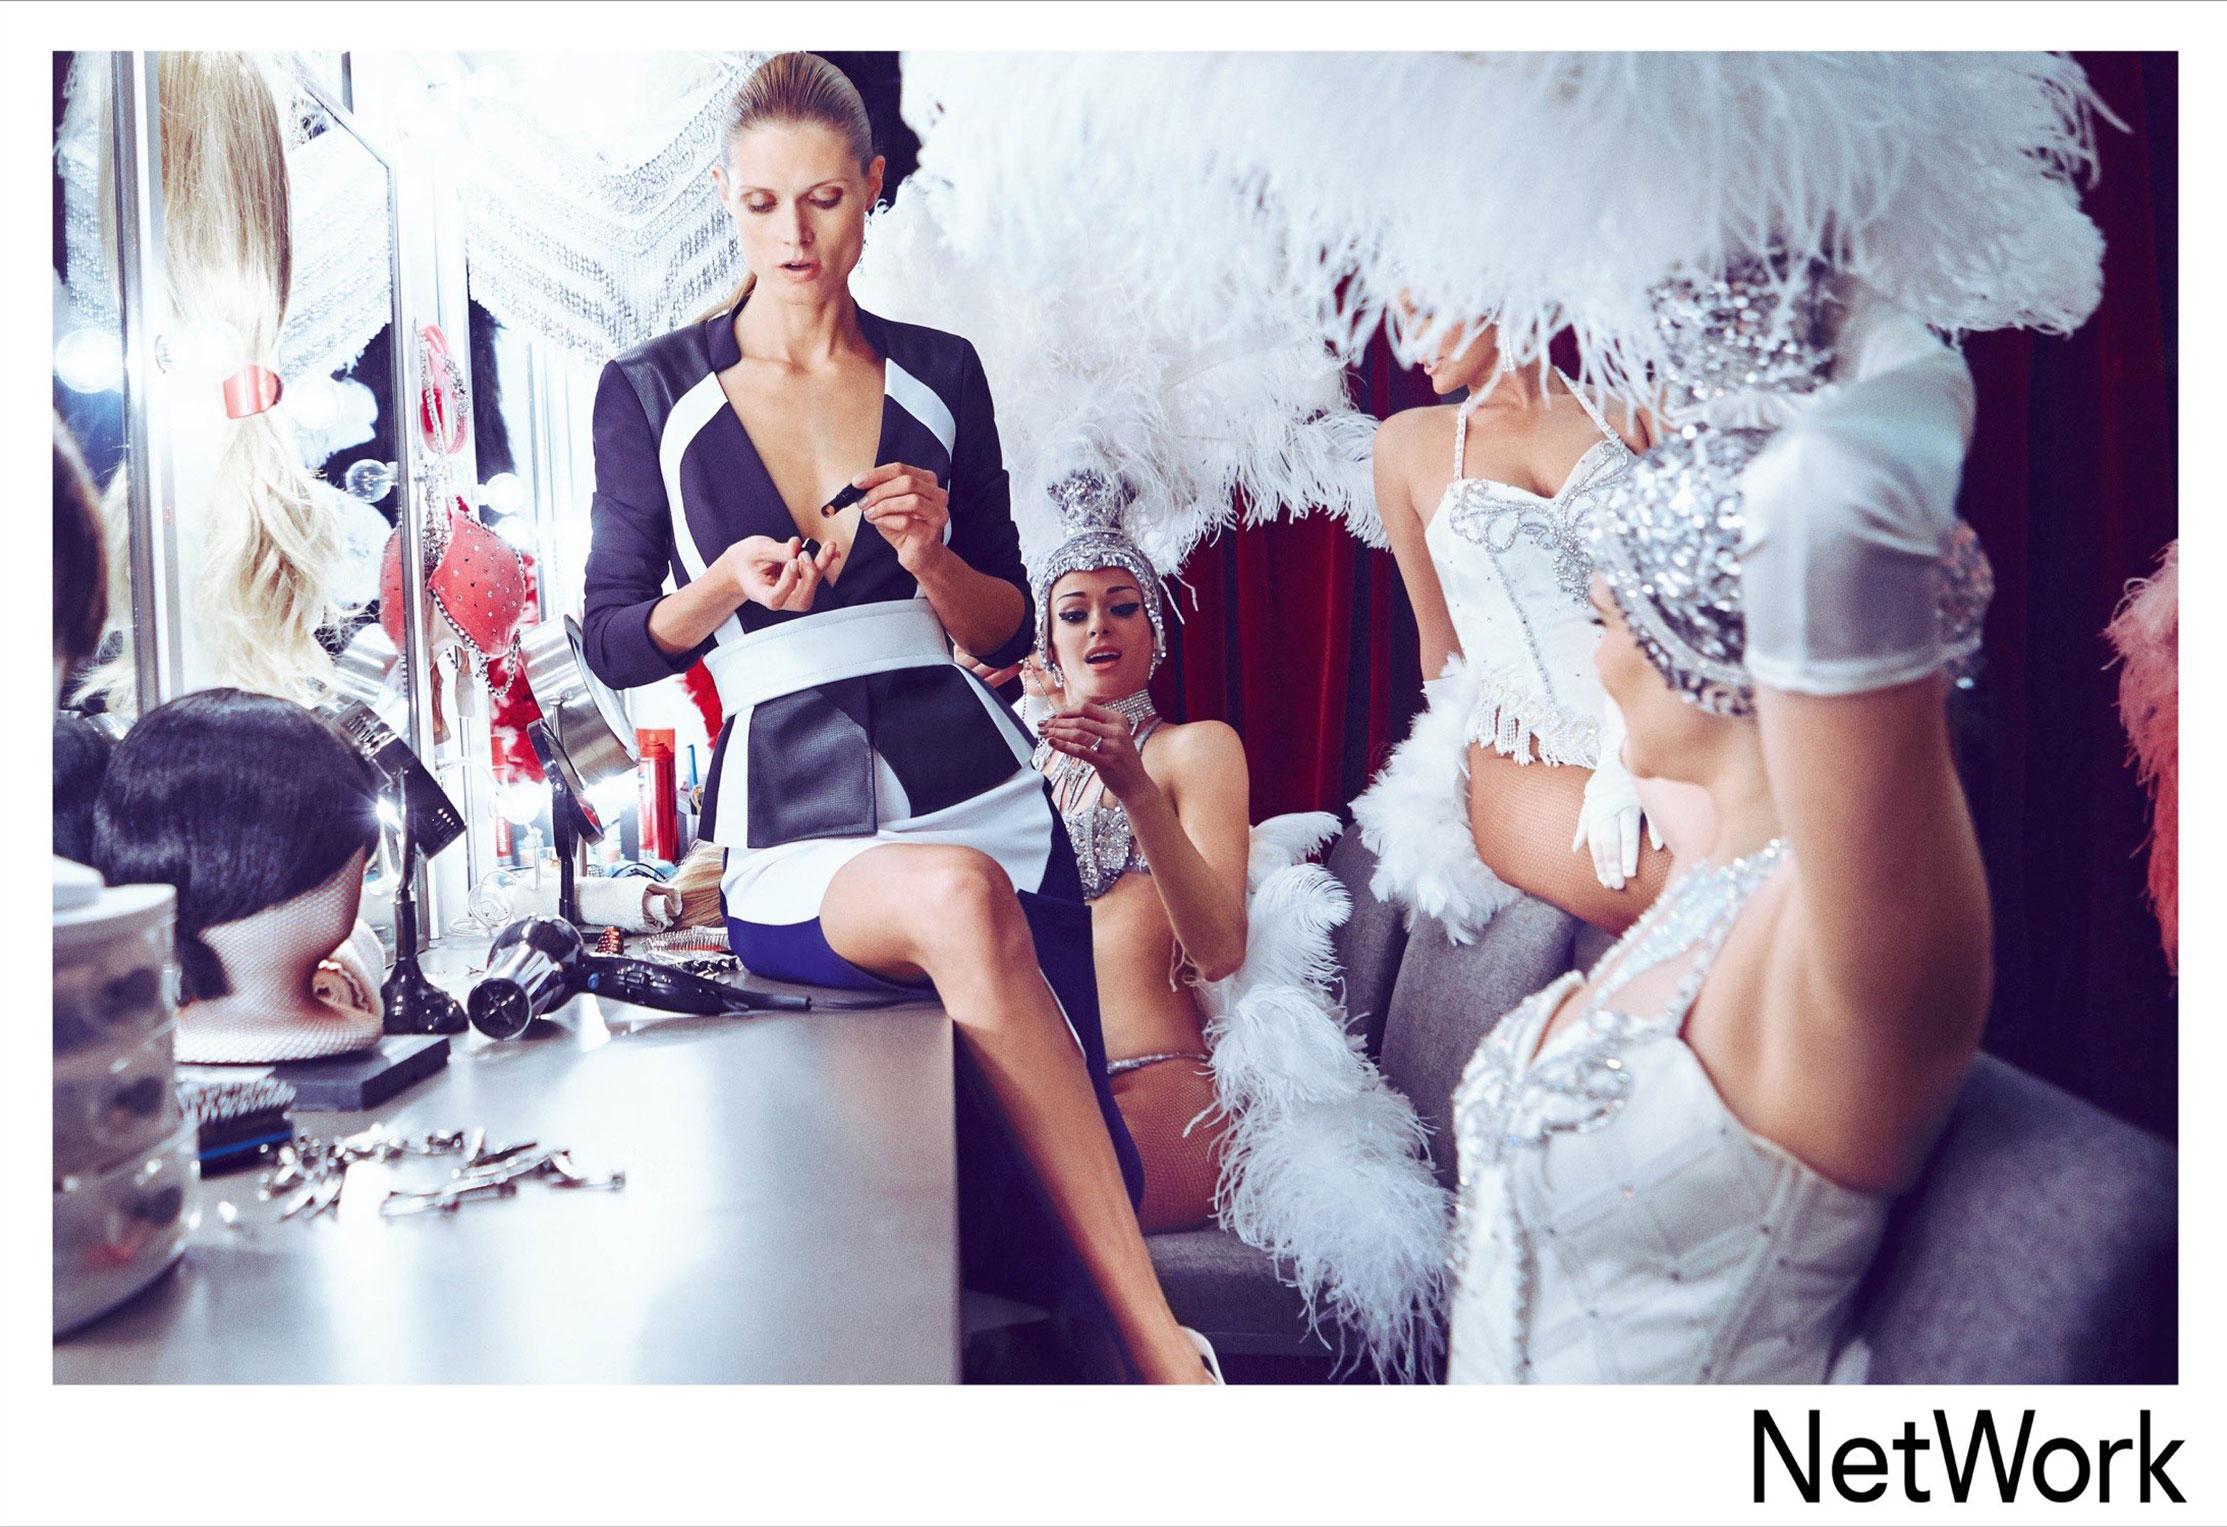 супермодель Малгоша Бела в рекламной кампании турецкого модного бренда Network, сезон весна-лето 2015 / фото 04